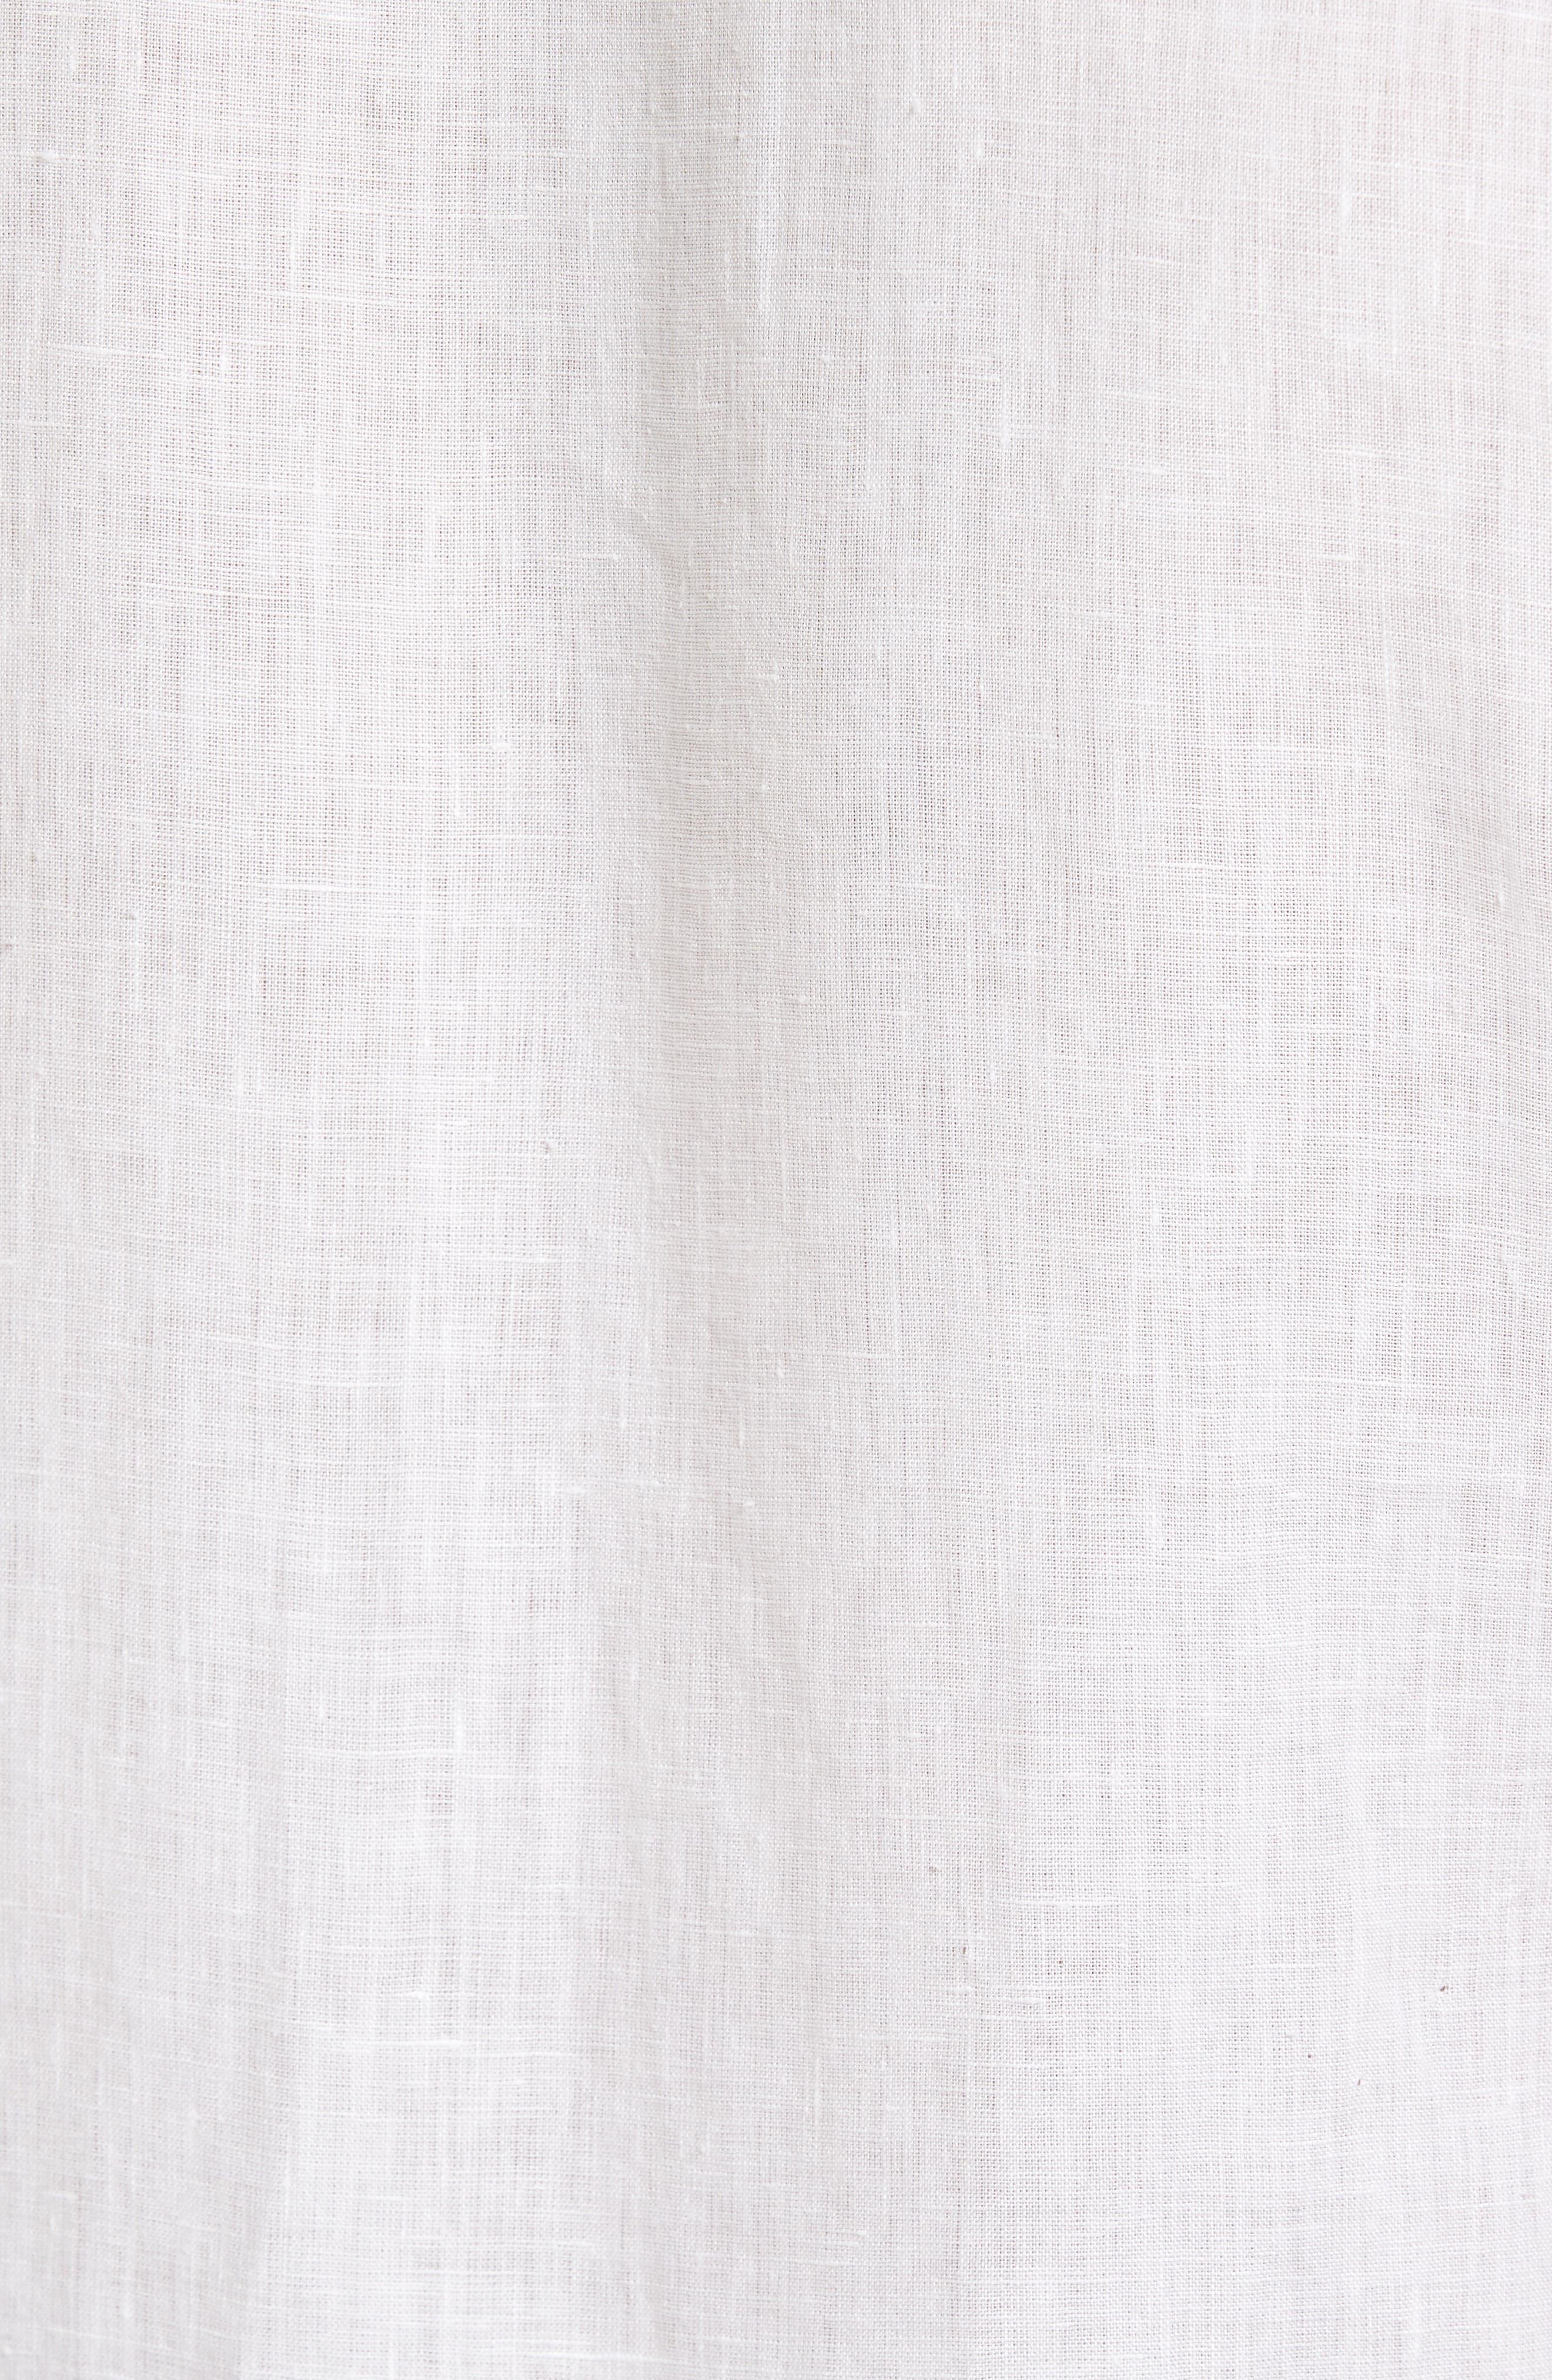 Kaplan Slim Fit Linen Sport Shirt,                             Alternate thumbnail 5, color,                             White